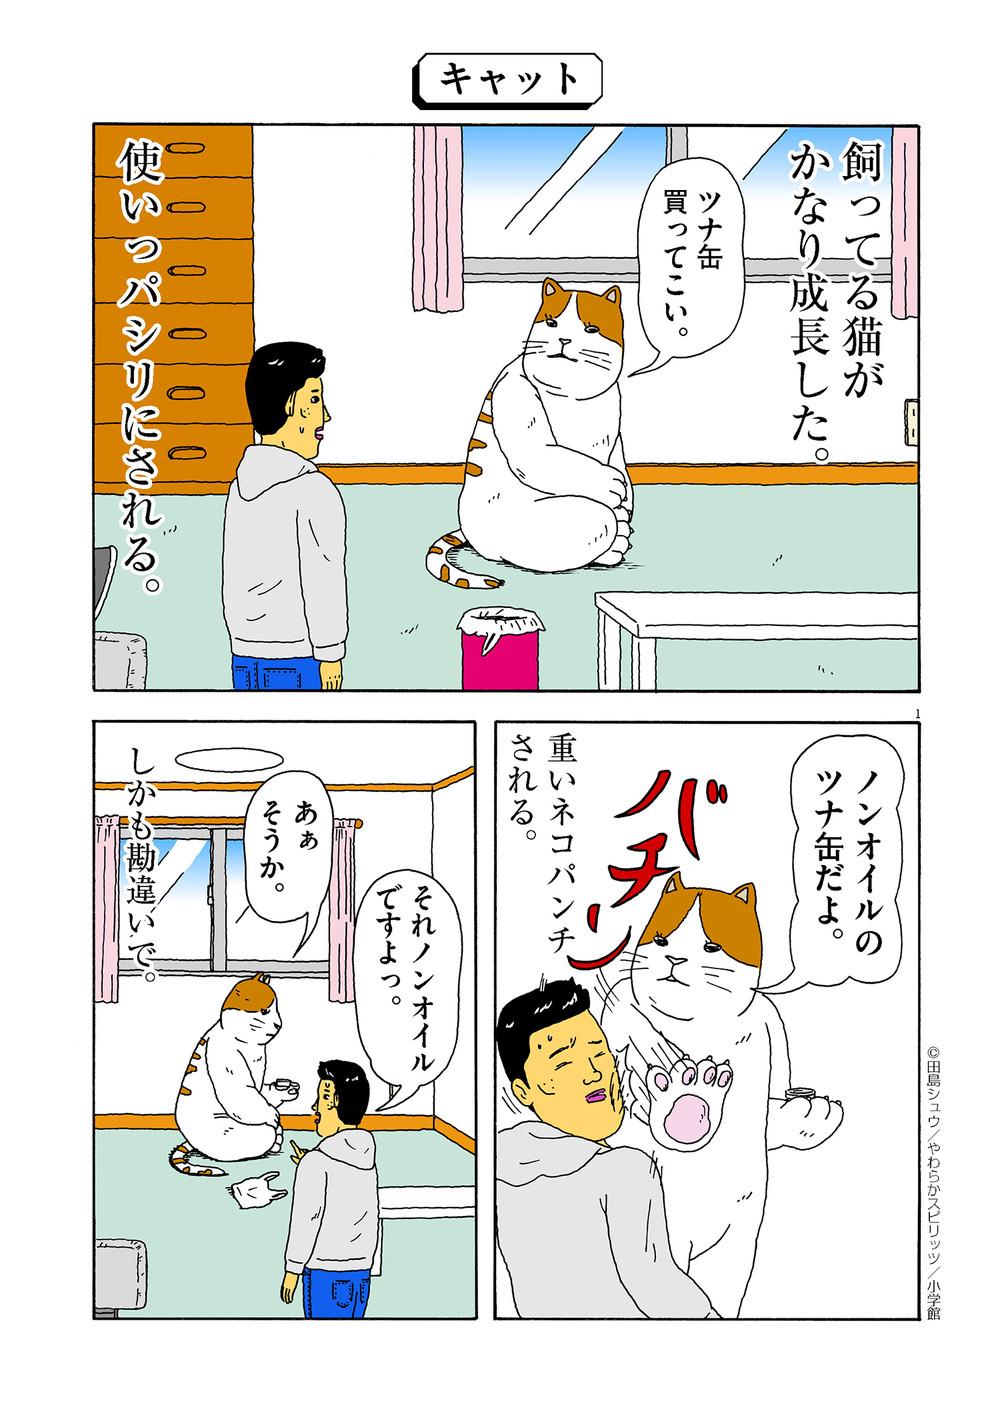 kaisha_20200319105824.jpg